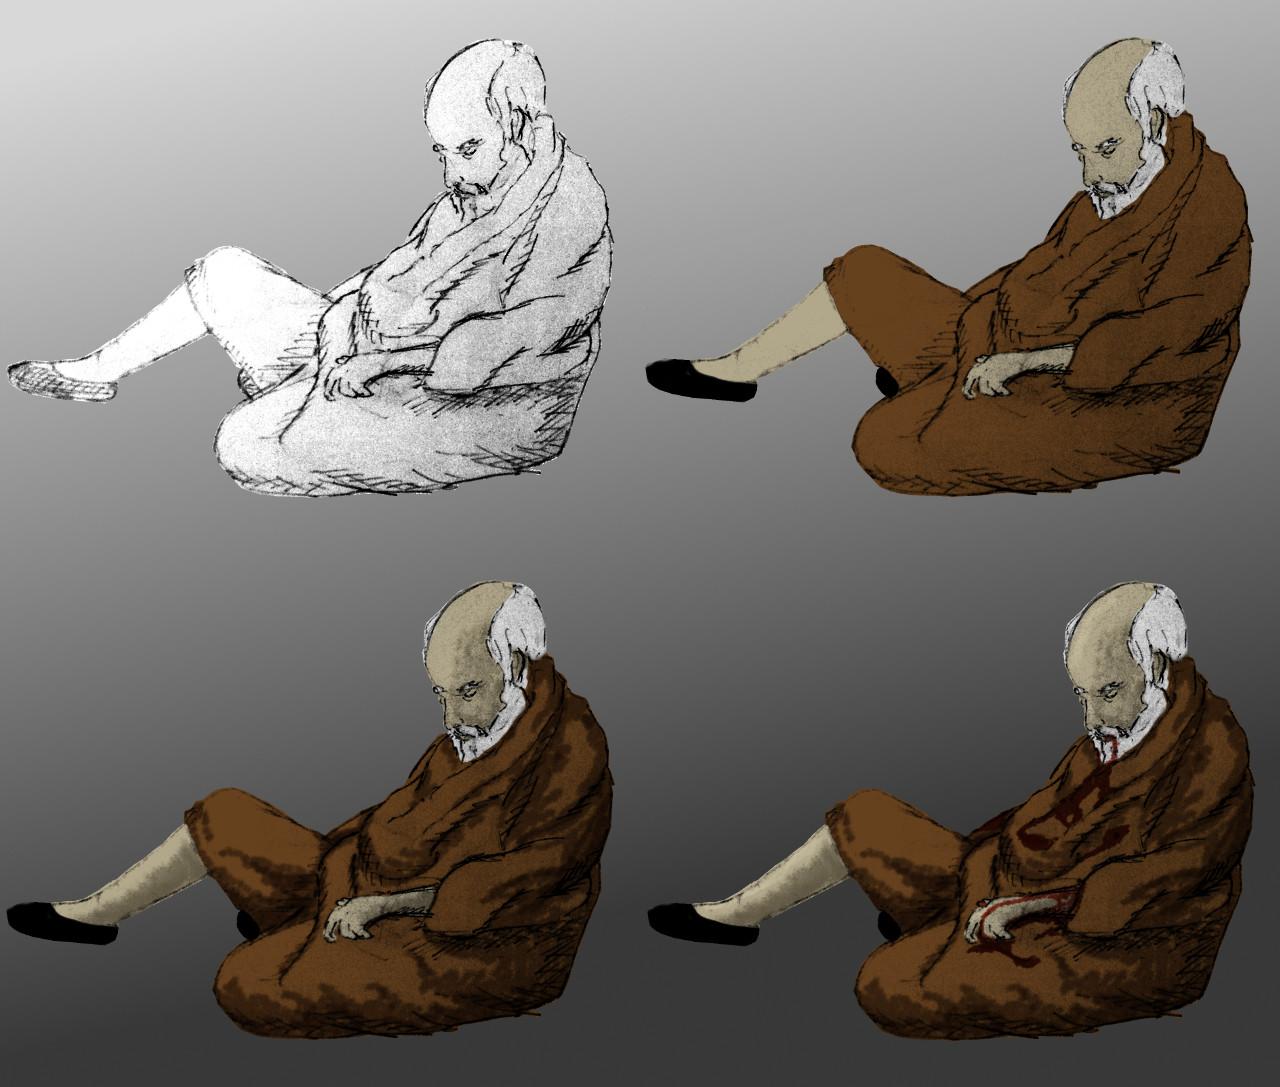 Darker Sketches